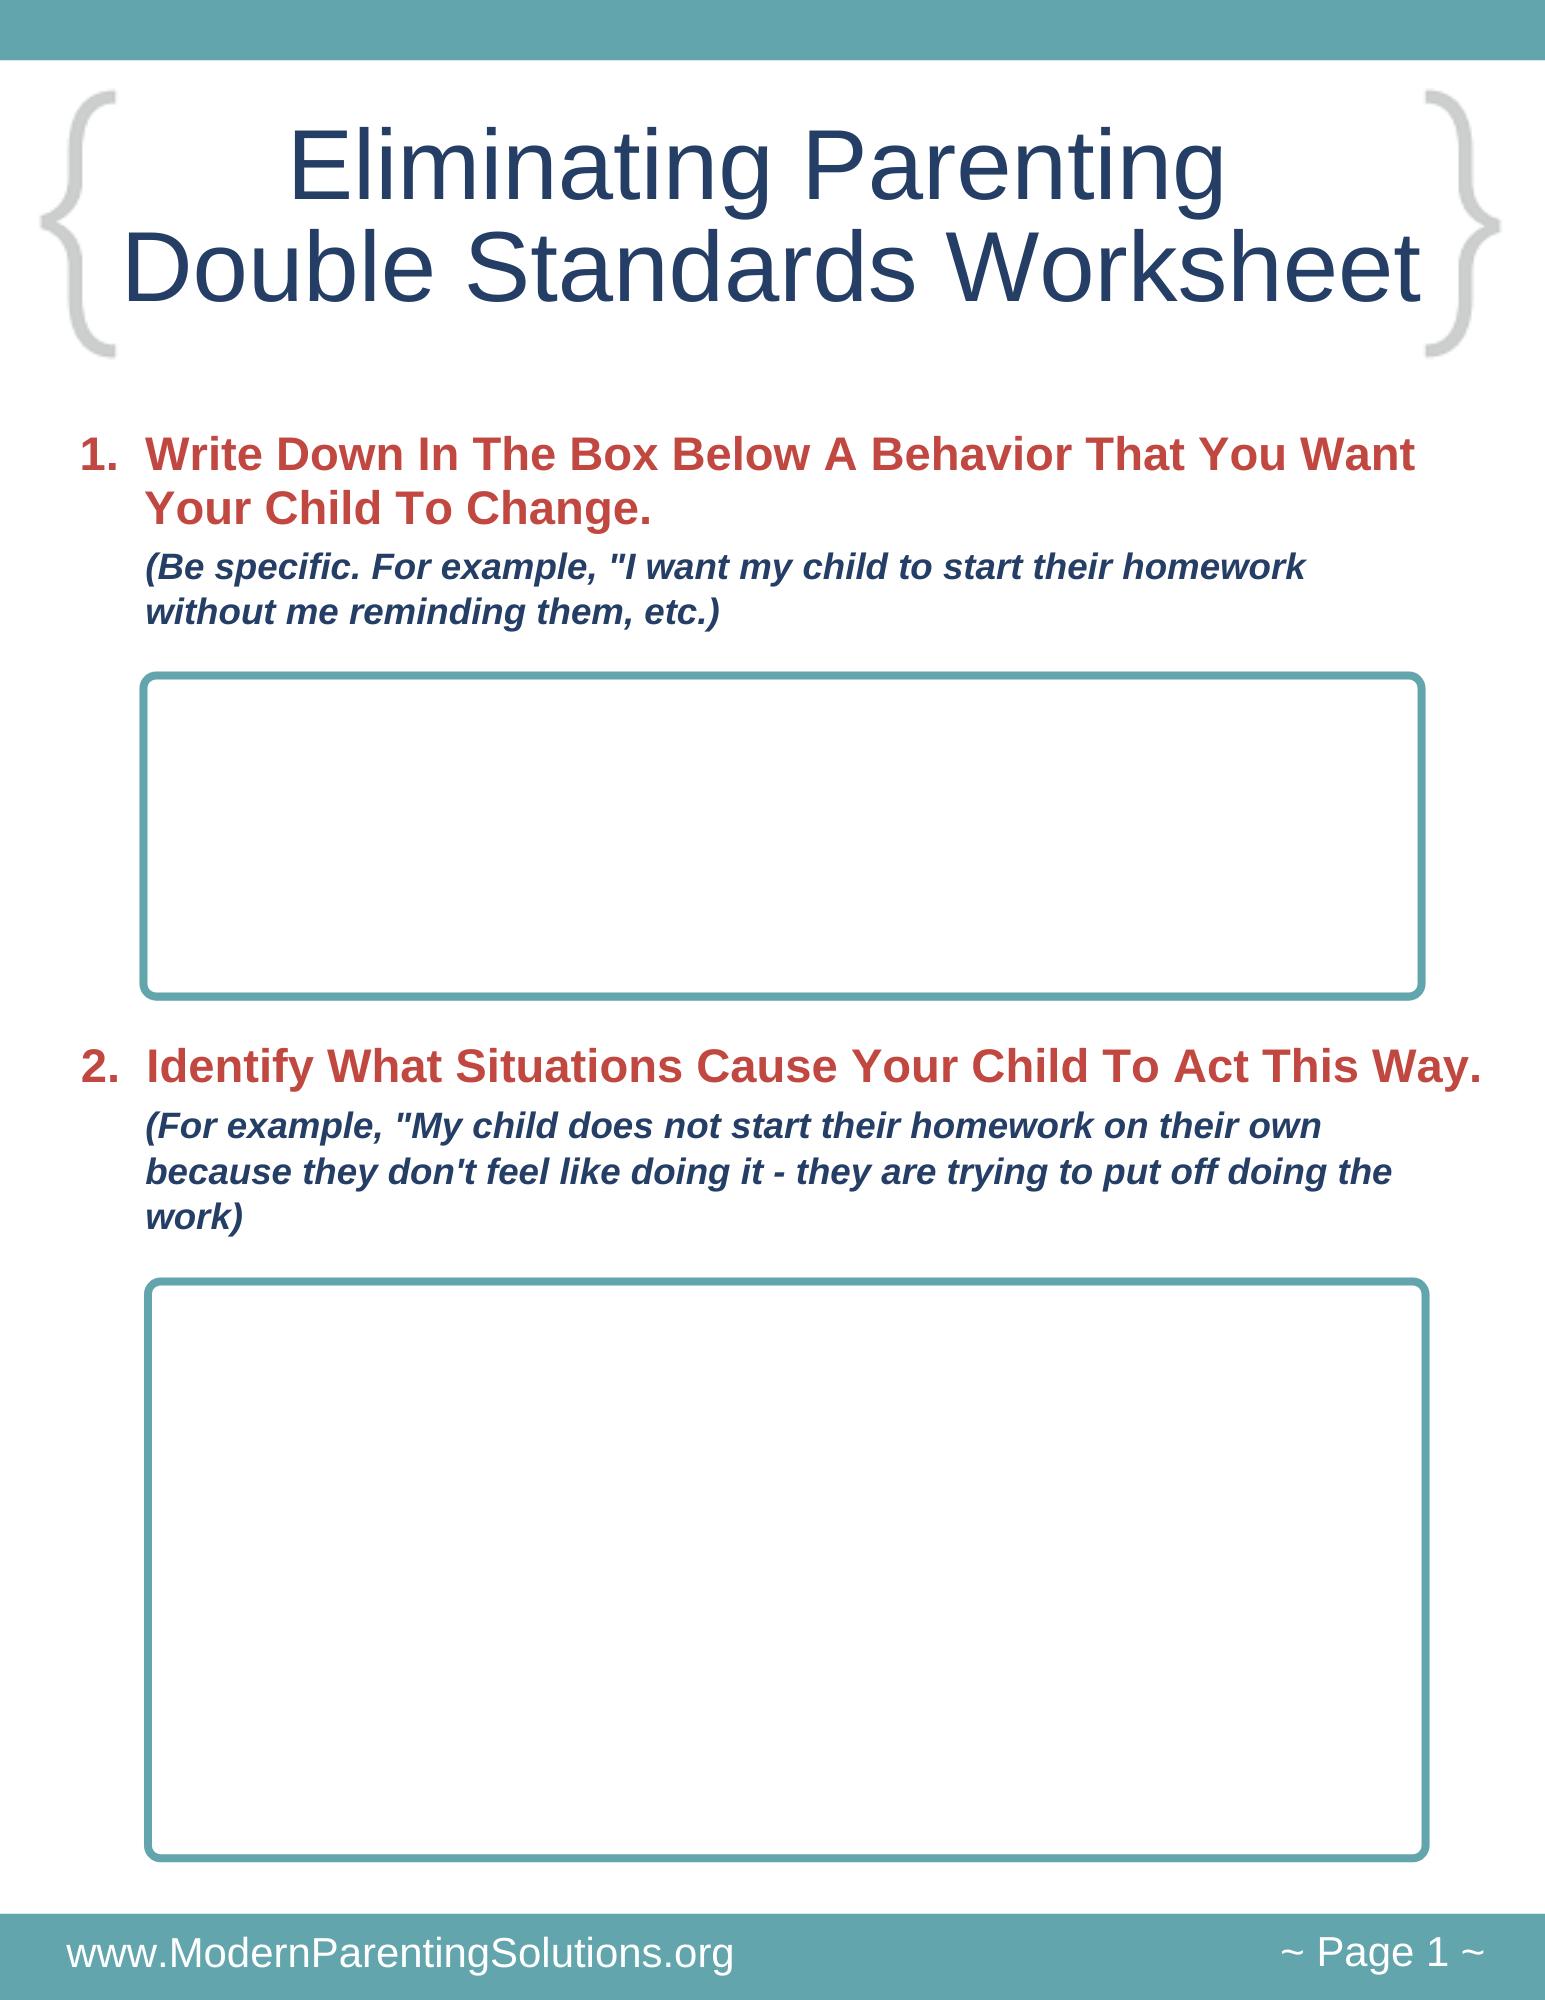 Eliminating Parenting Double Standards Worksheet